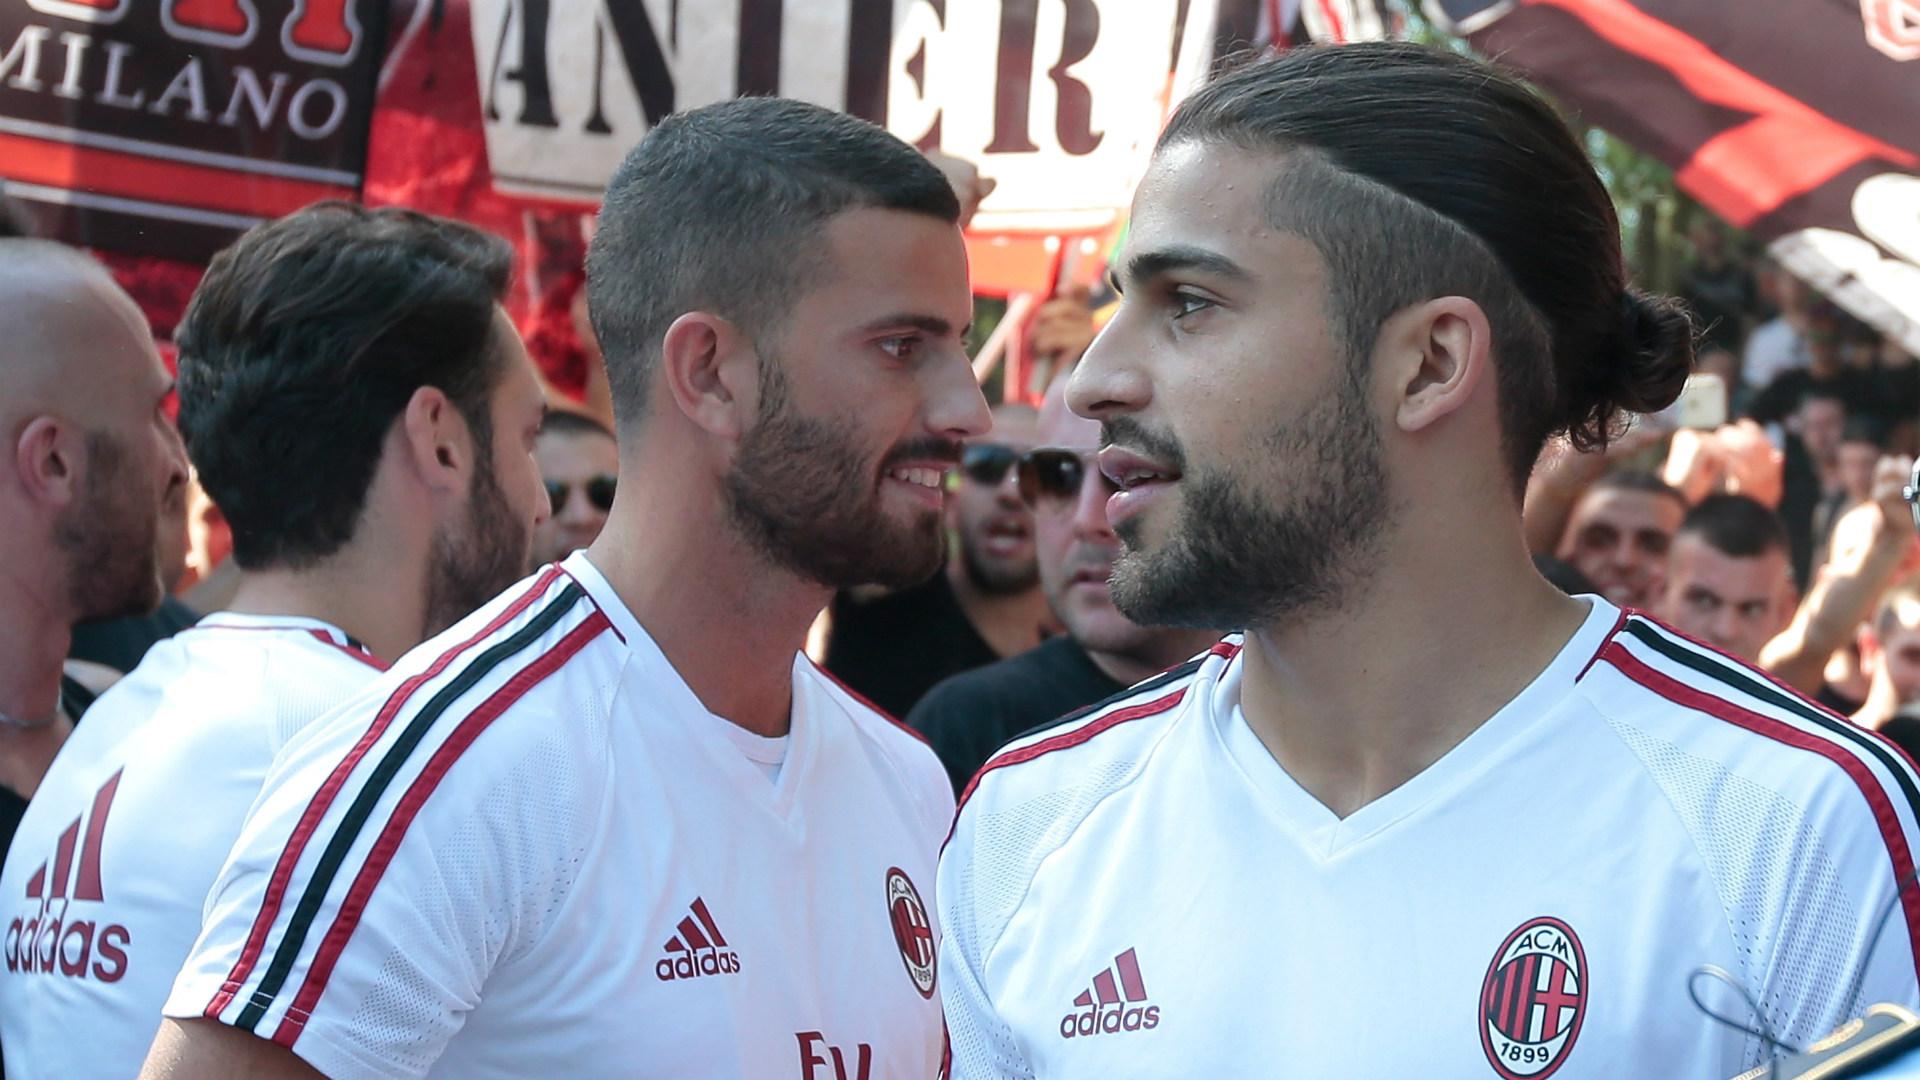 Calciomercato Milan, Bonucci in arrivo a Milano: annuncio vicino